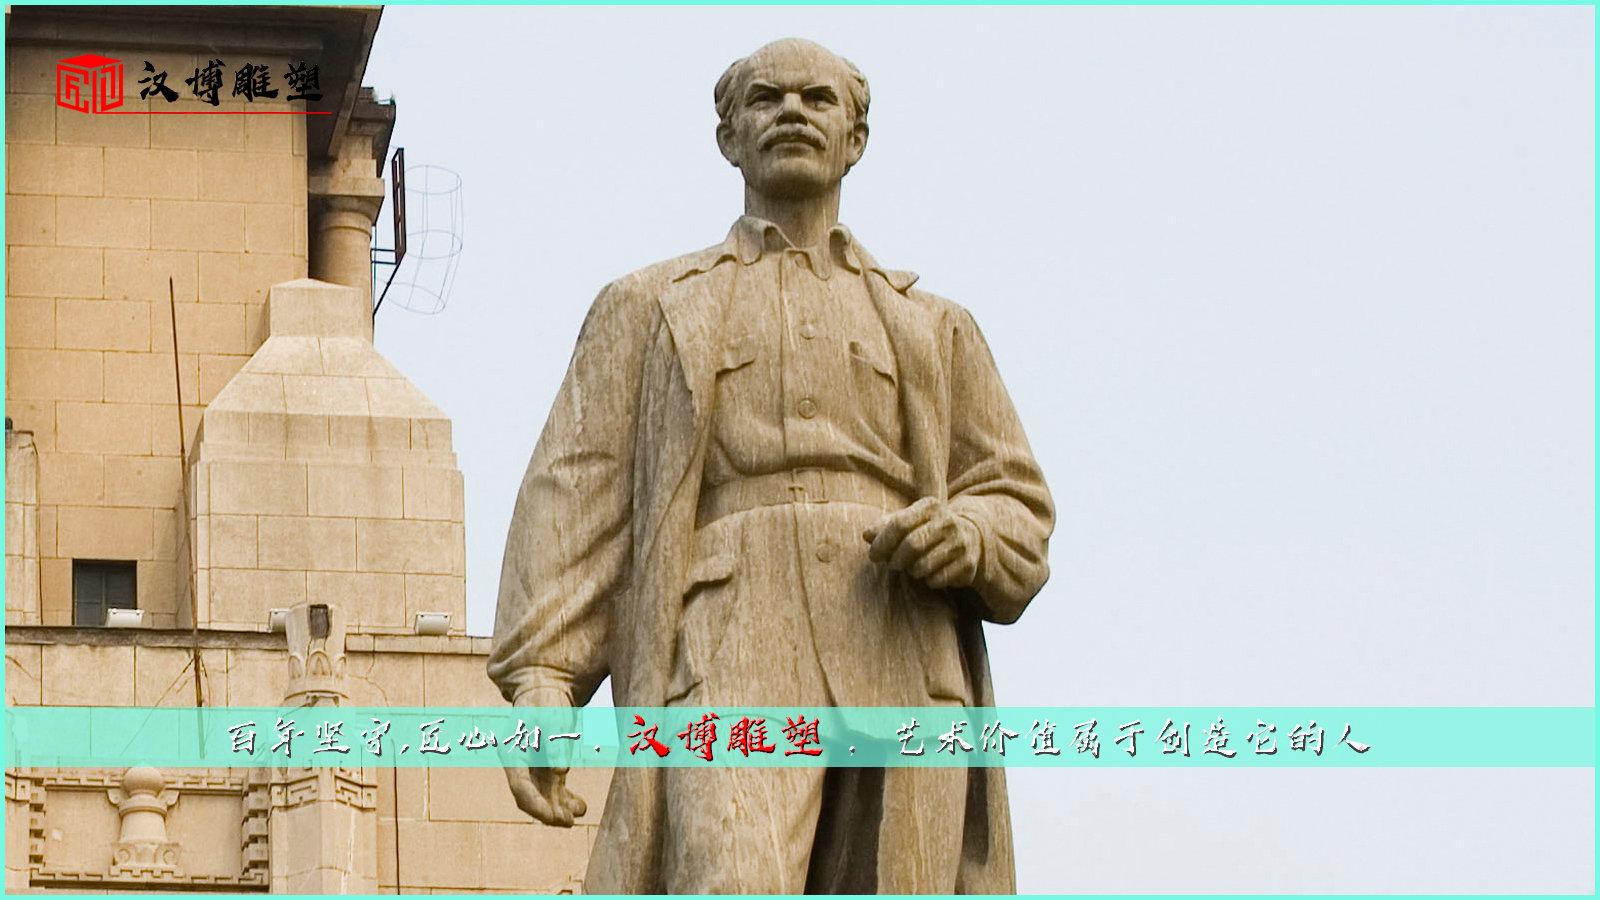 走进名医主题雕塑;传承中华文化向白衣天使致敬